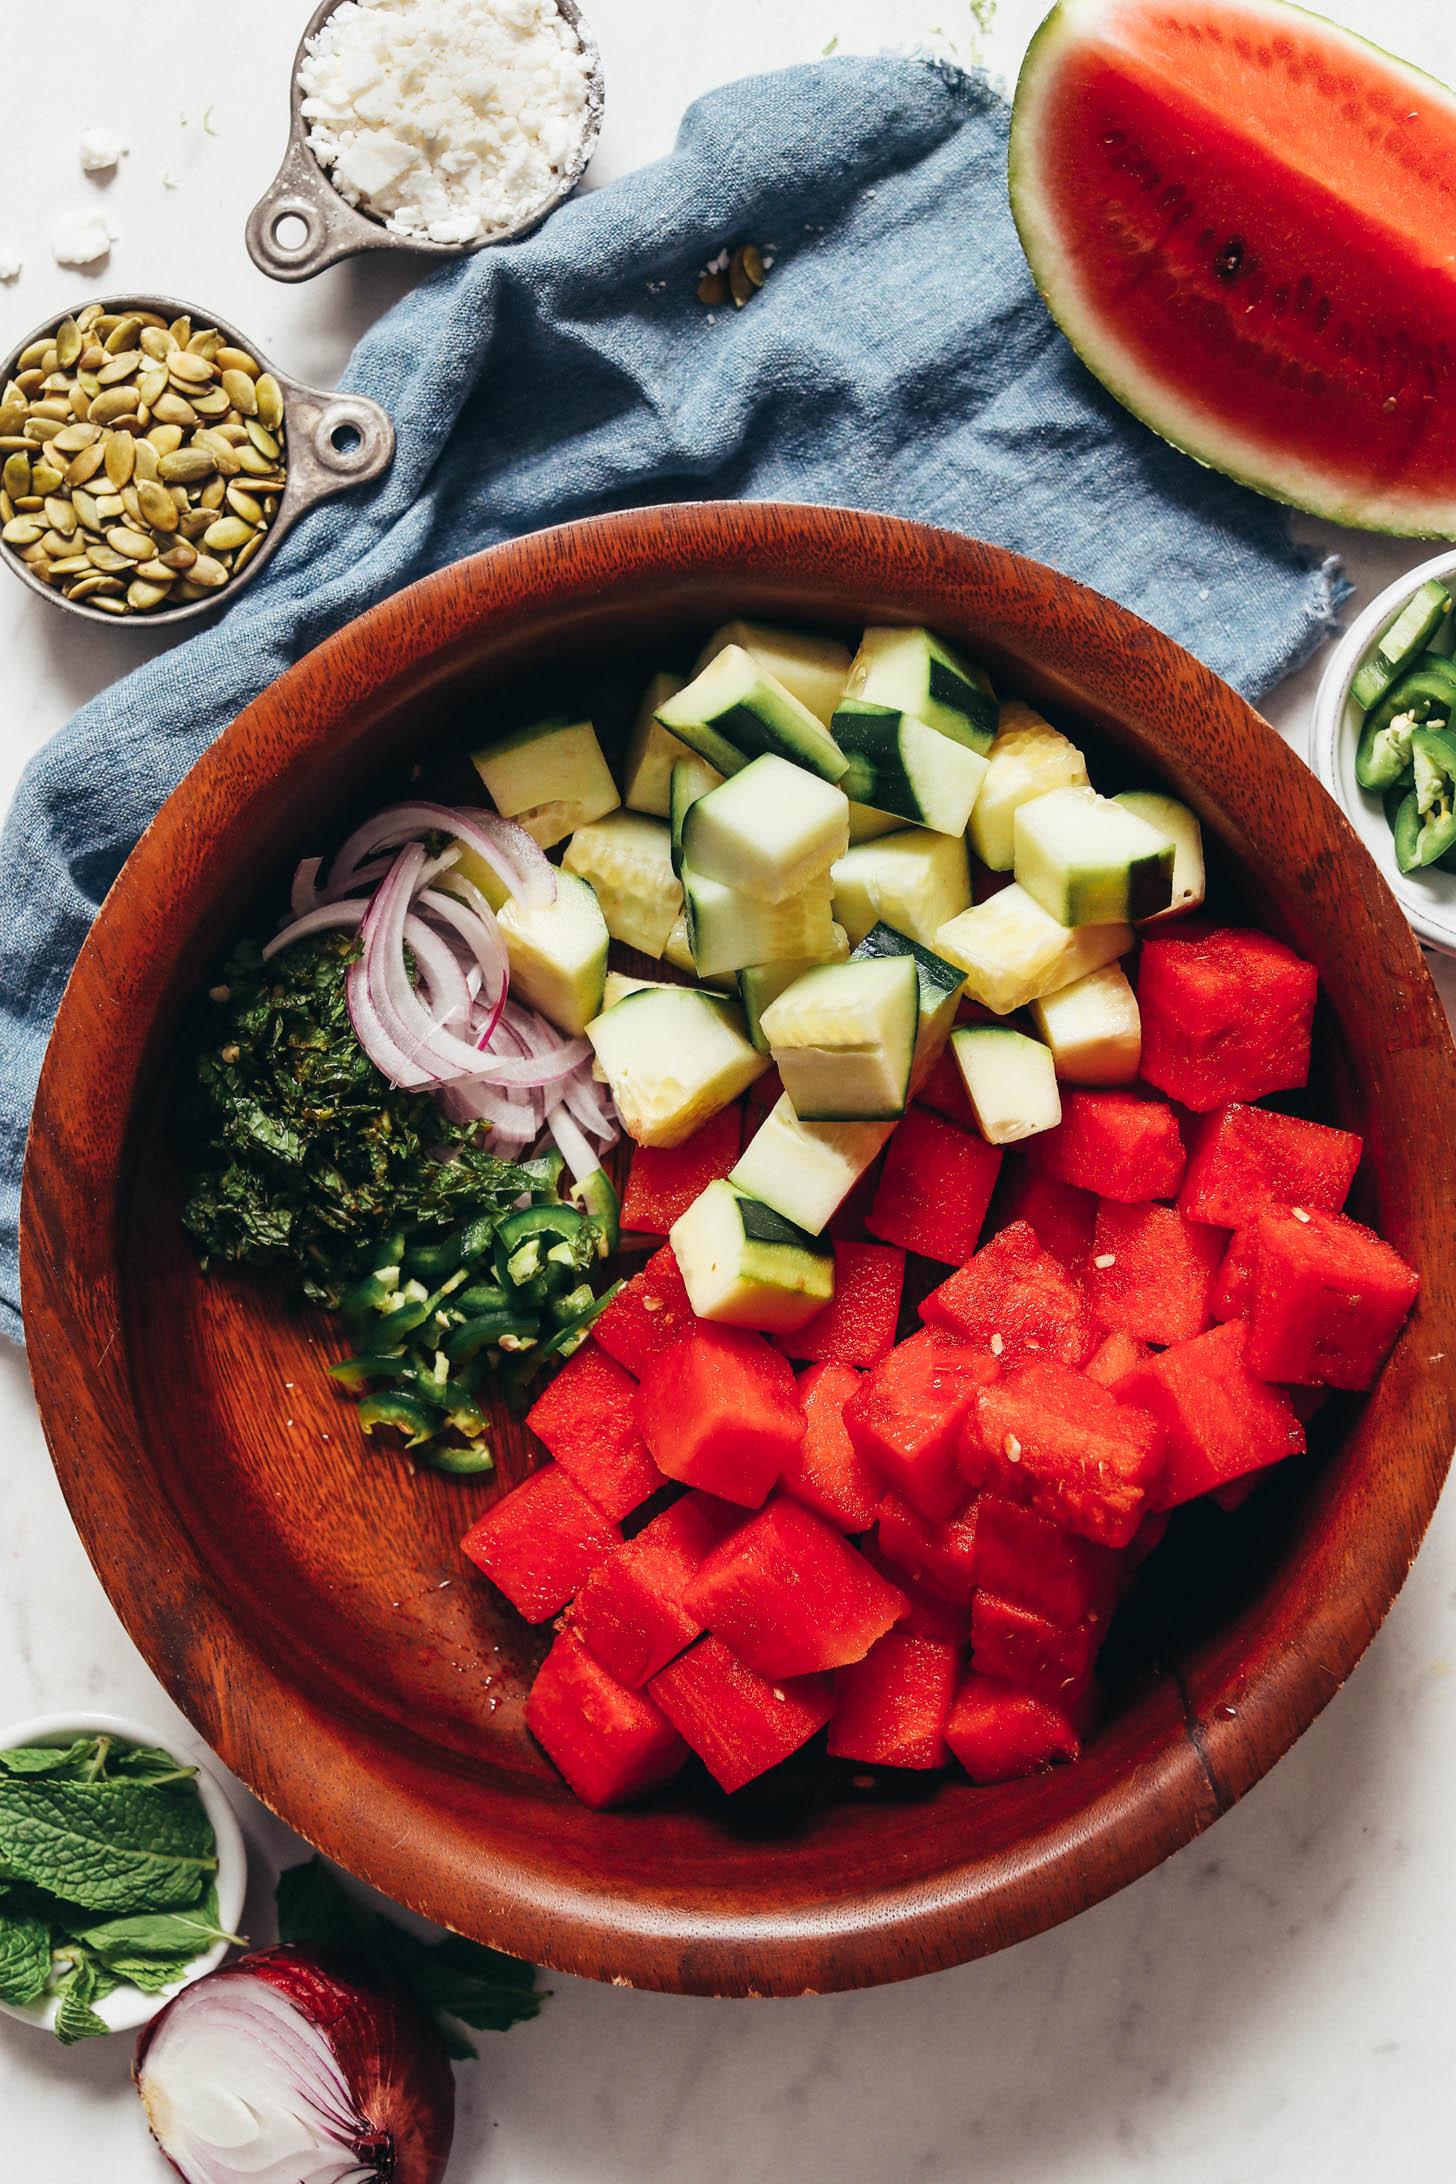 Dilimlenmiş jalapeño, kırmızı soğan ve nane ile bir kapta küp doğranmış karpuz ve salatalık